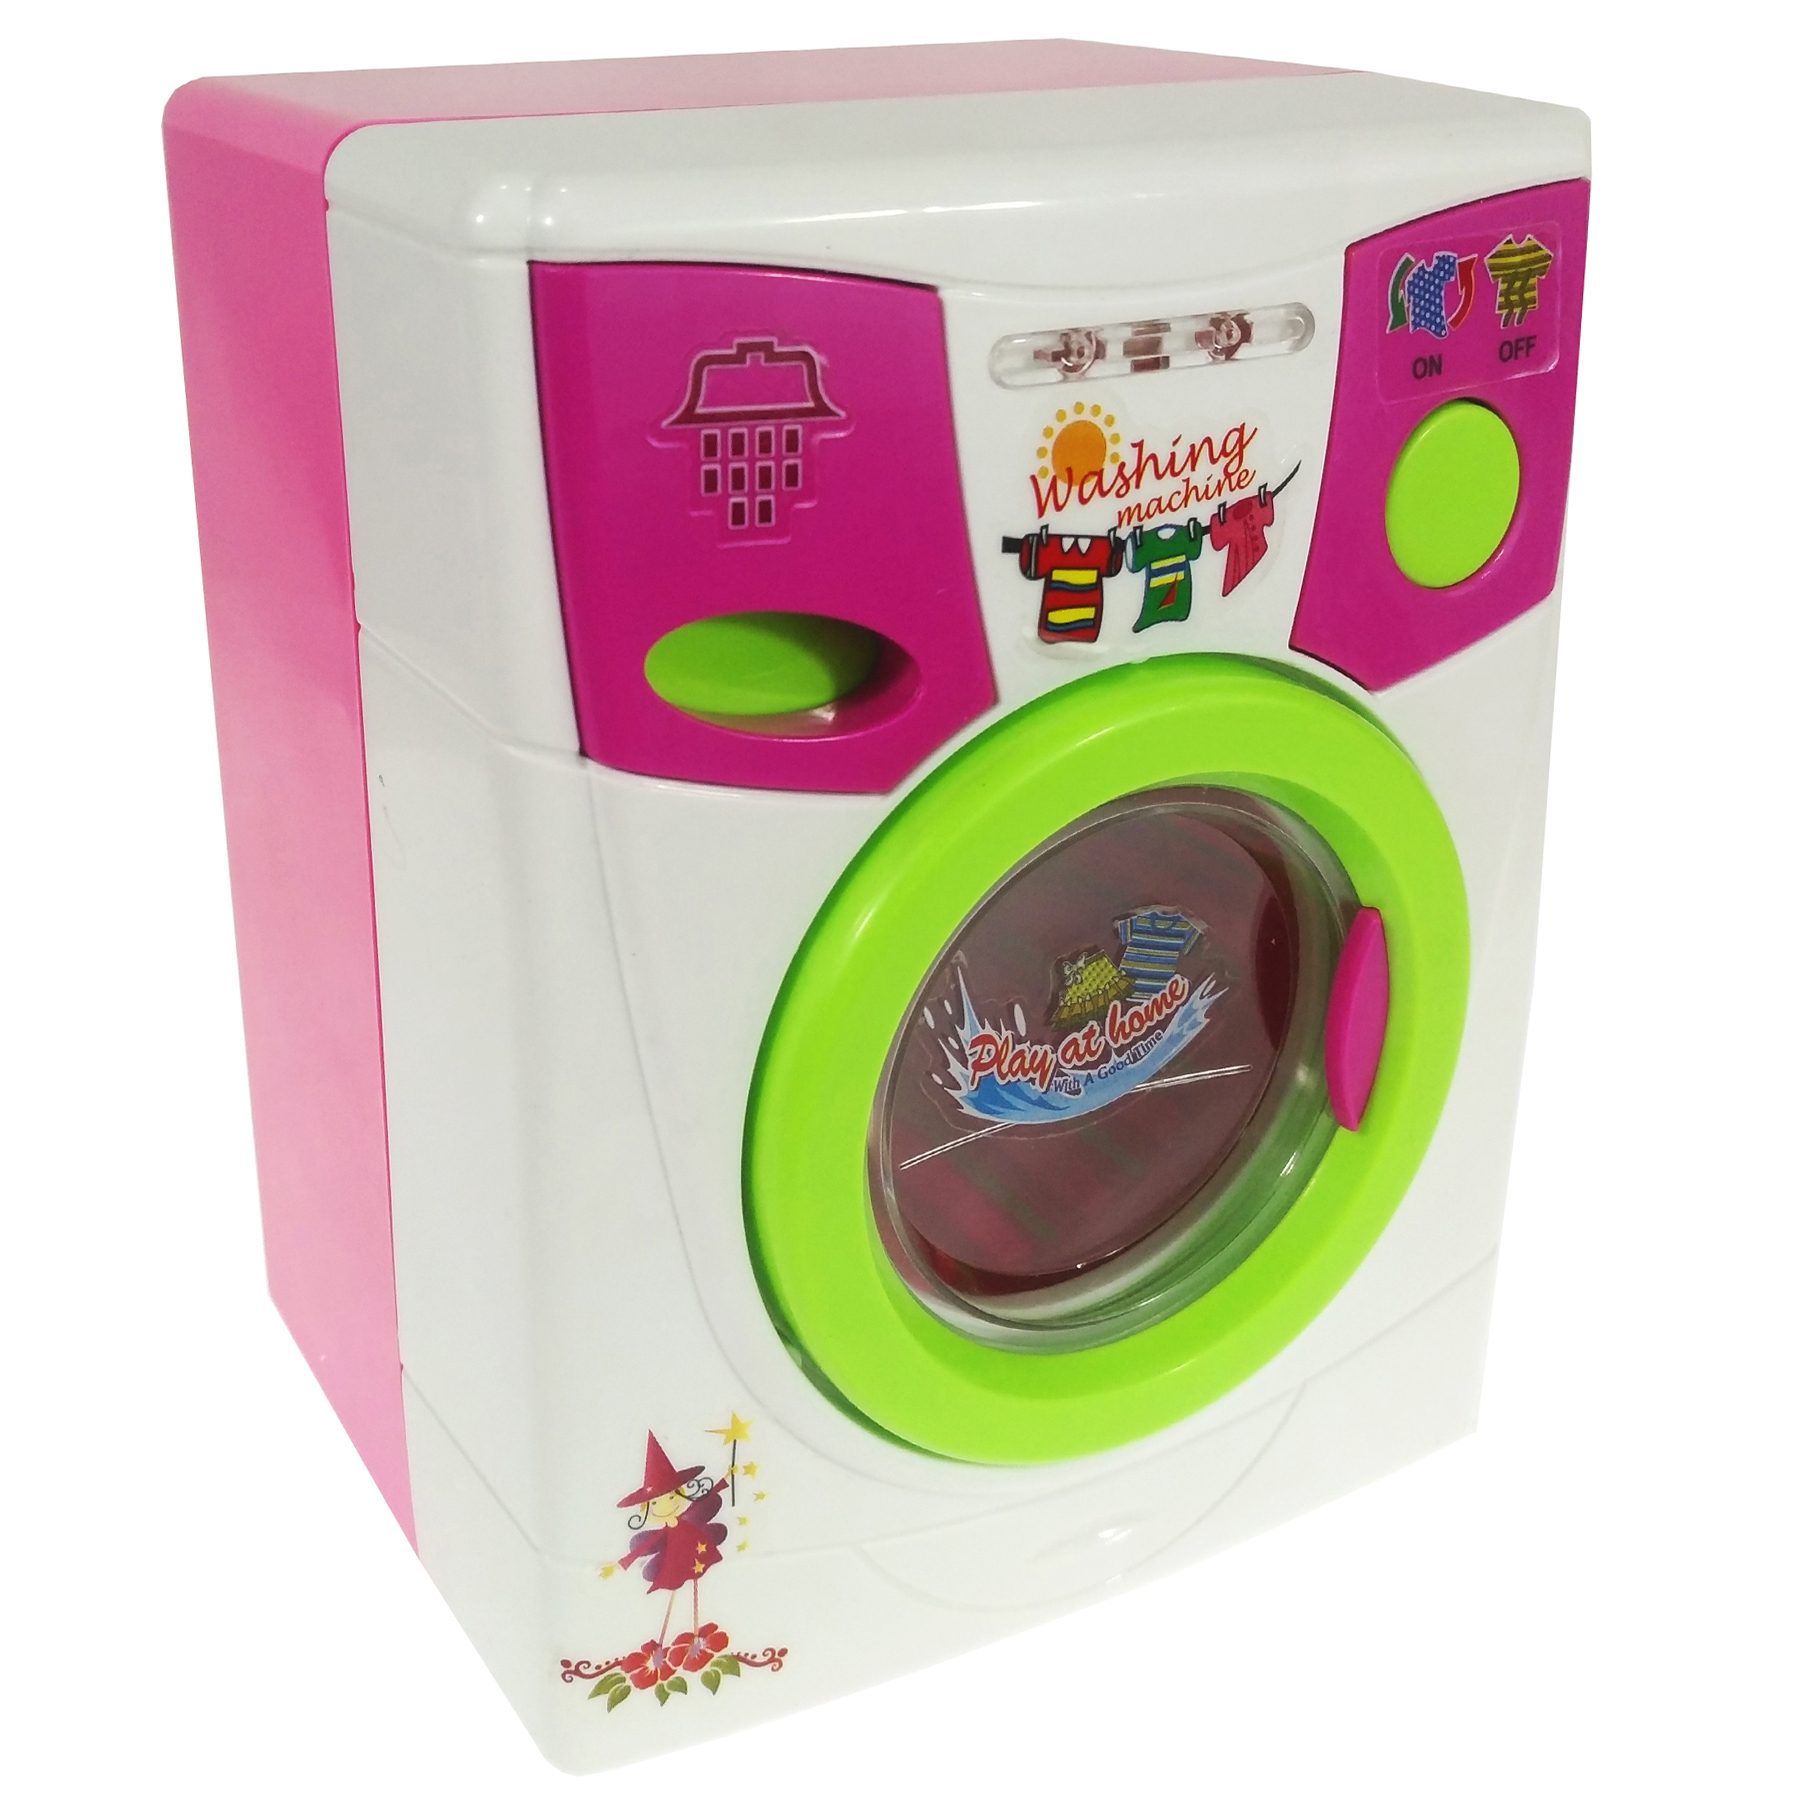 ماشین لباسشویی اسباب بازی مدل Beauty washer